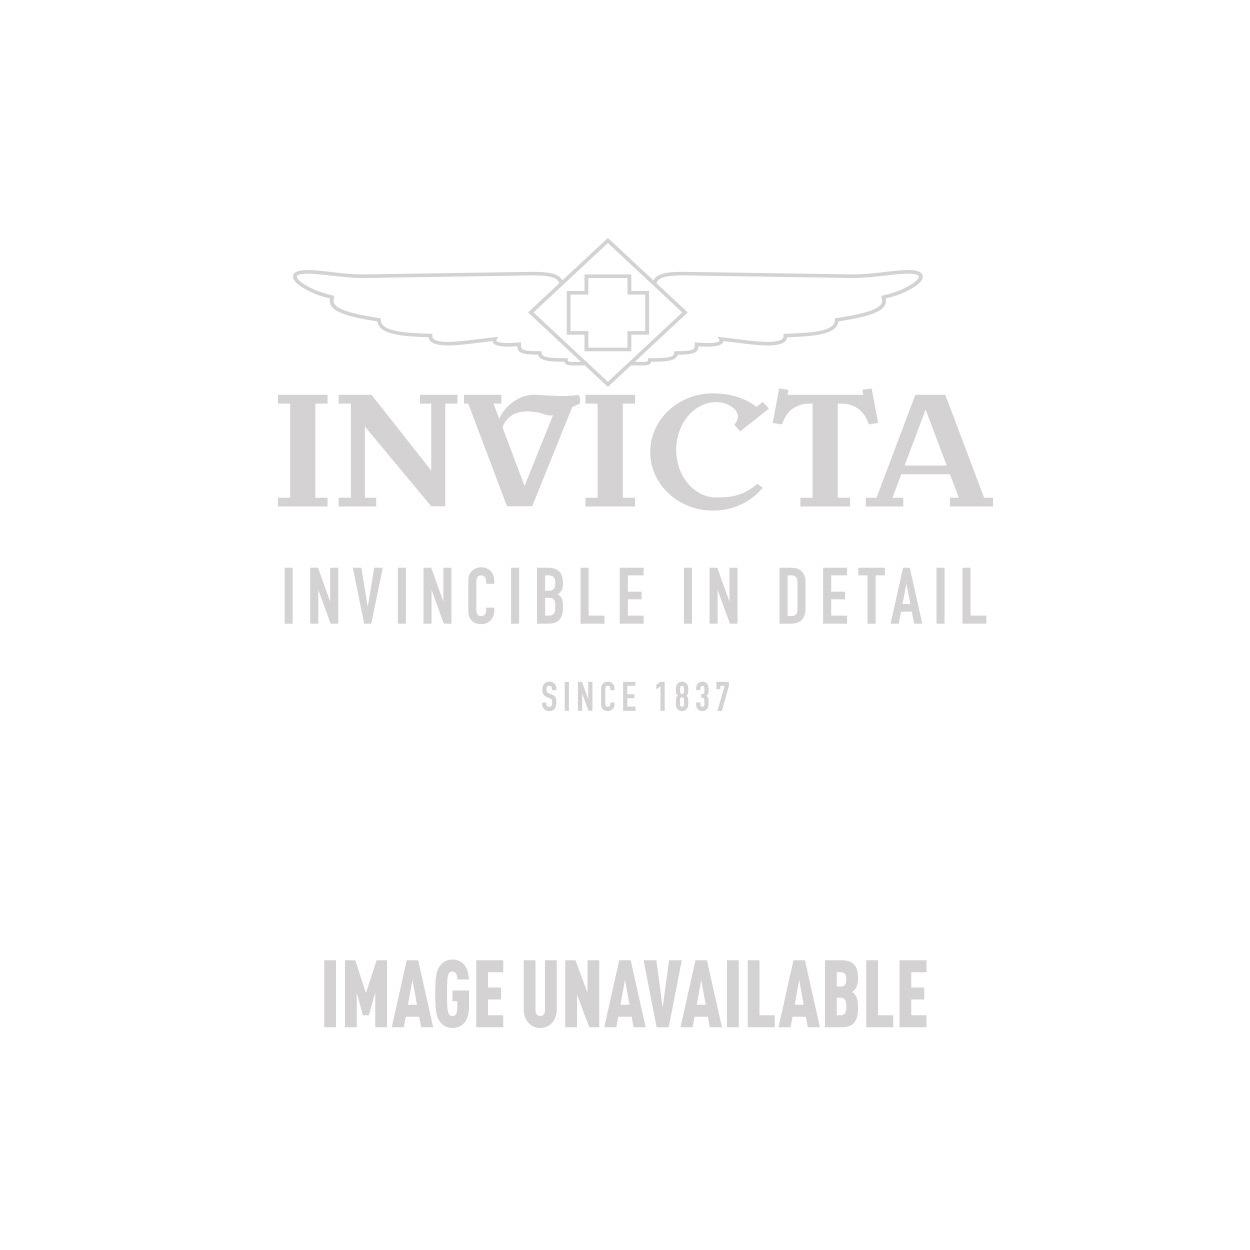 Invicta Model  SC0367